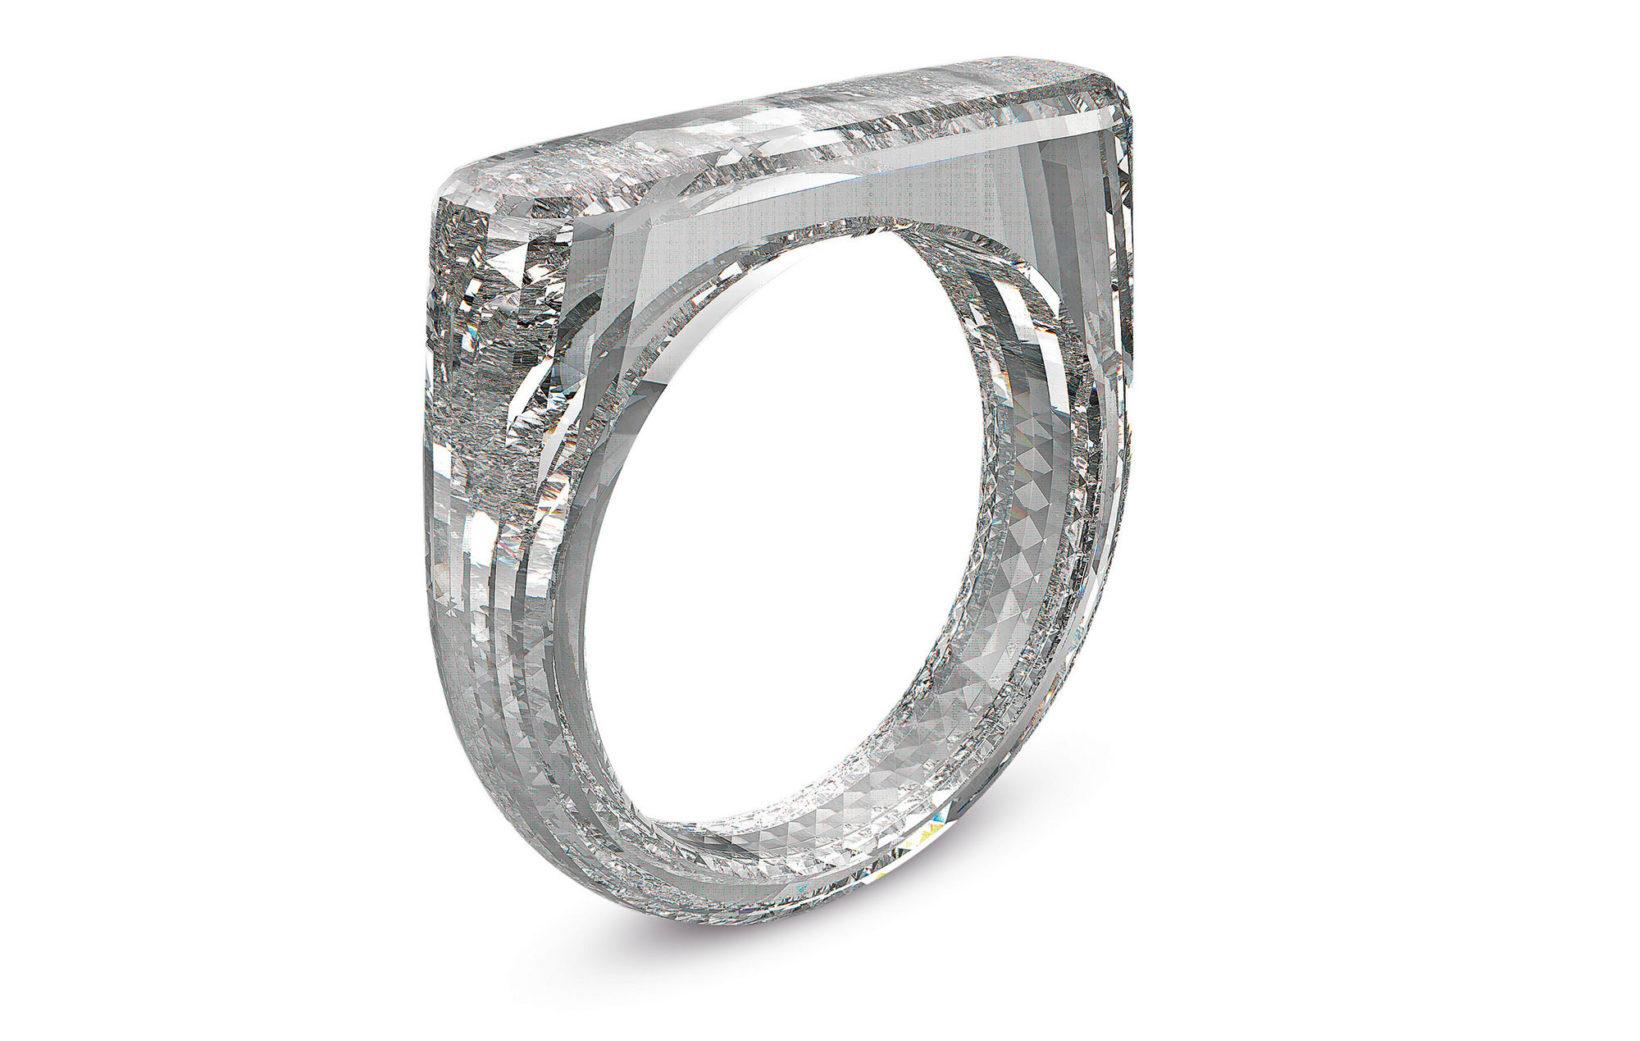 Un anello ideato da Jony Ive e Marc Newson